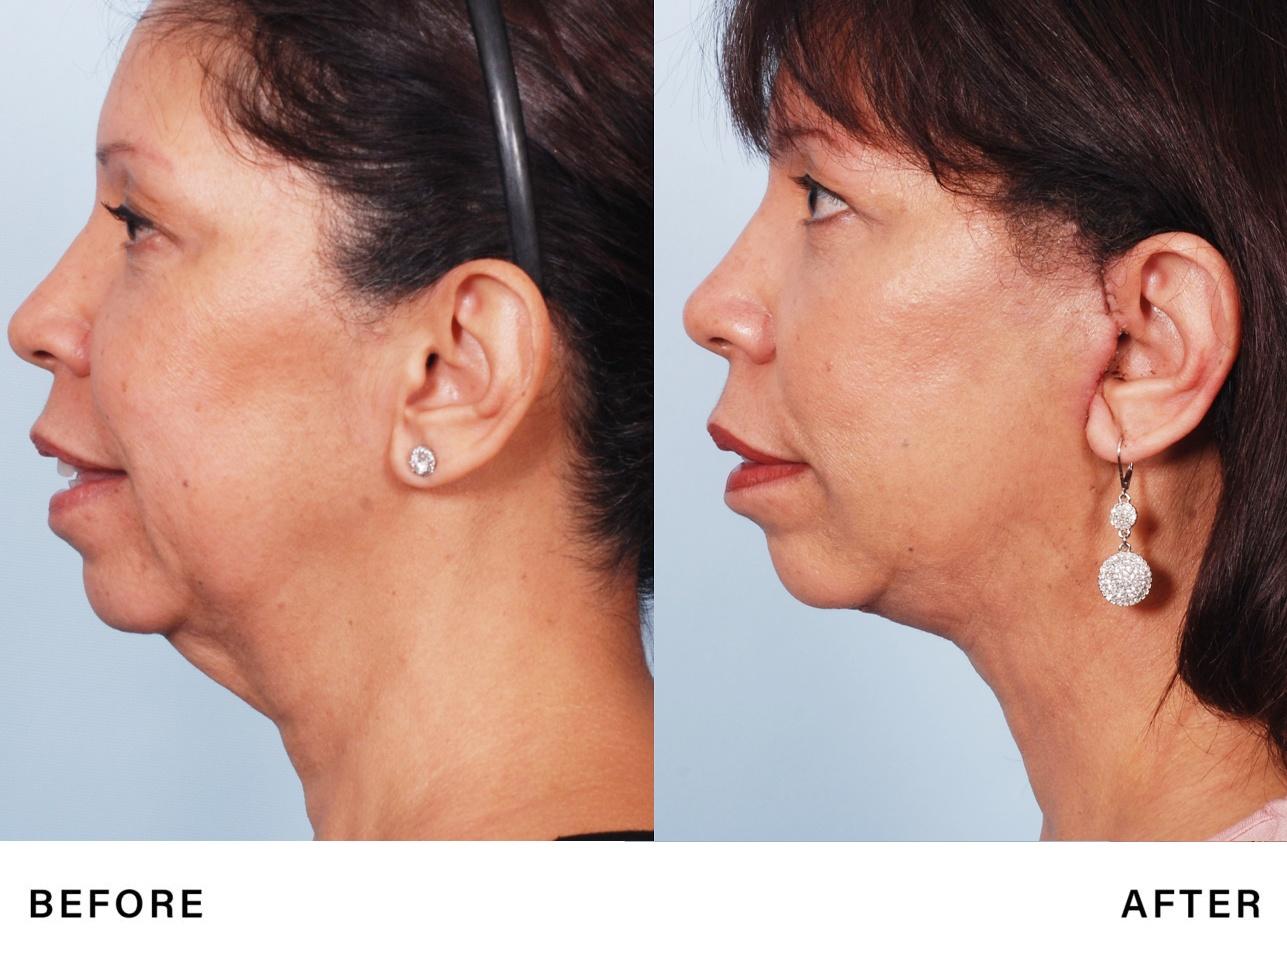 neck tightening - genlyft - bossmd plastic surgery nj